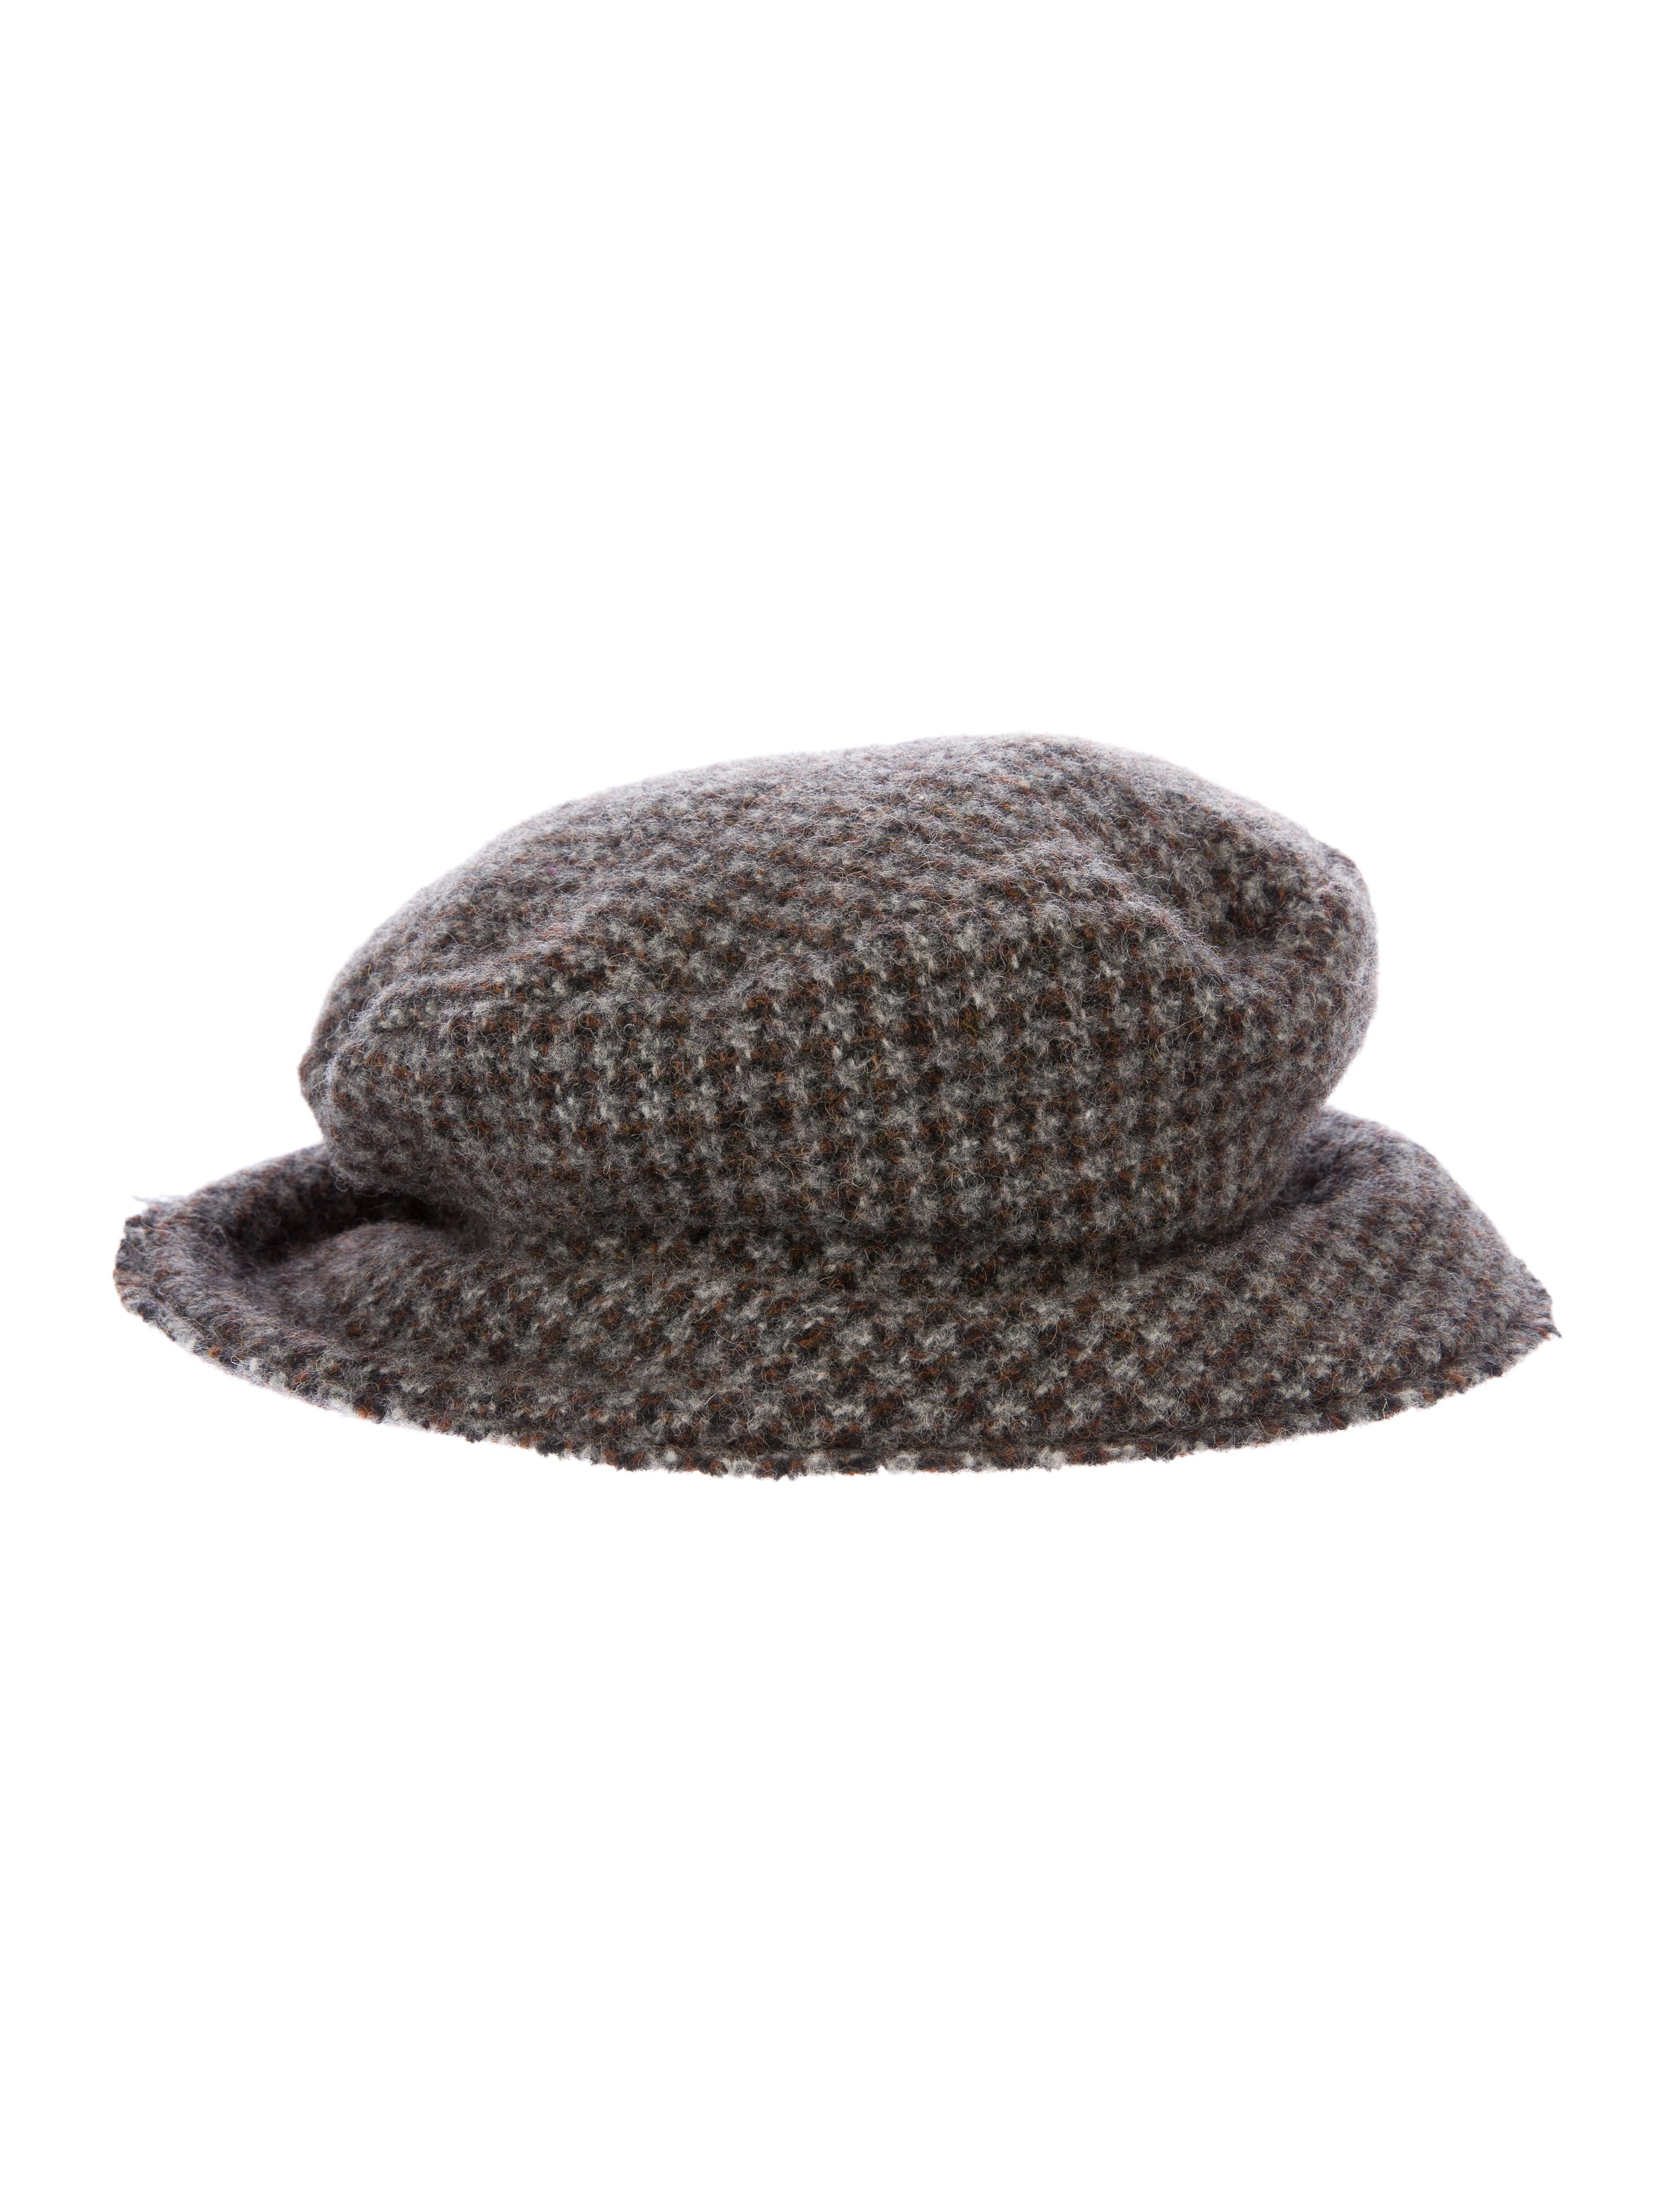 Junya Watanabe Comme des Garçons Houndstooth Bucket Hat ... 3b75f7e1721